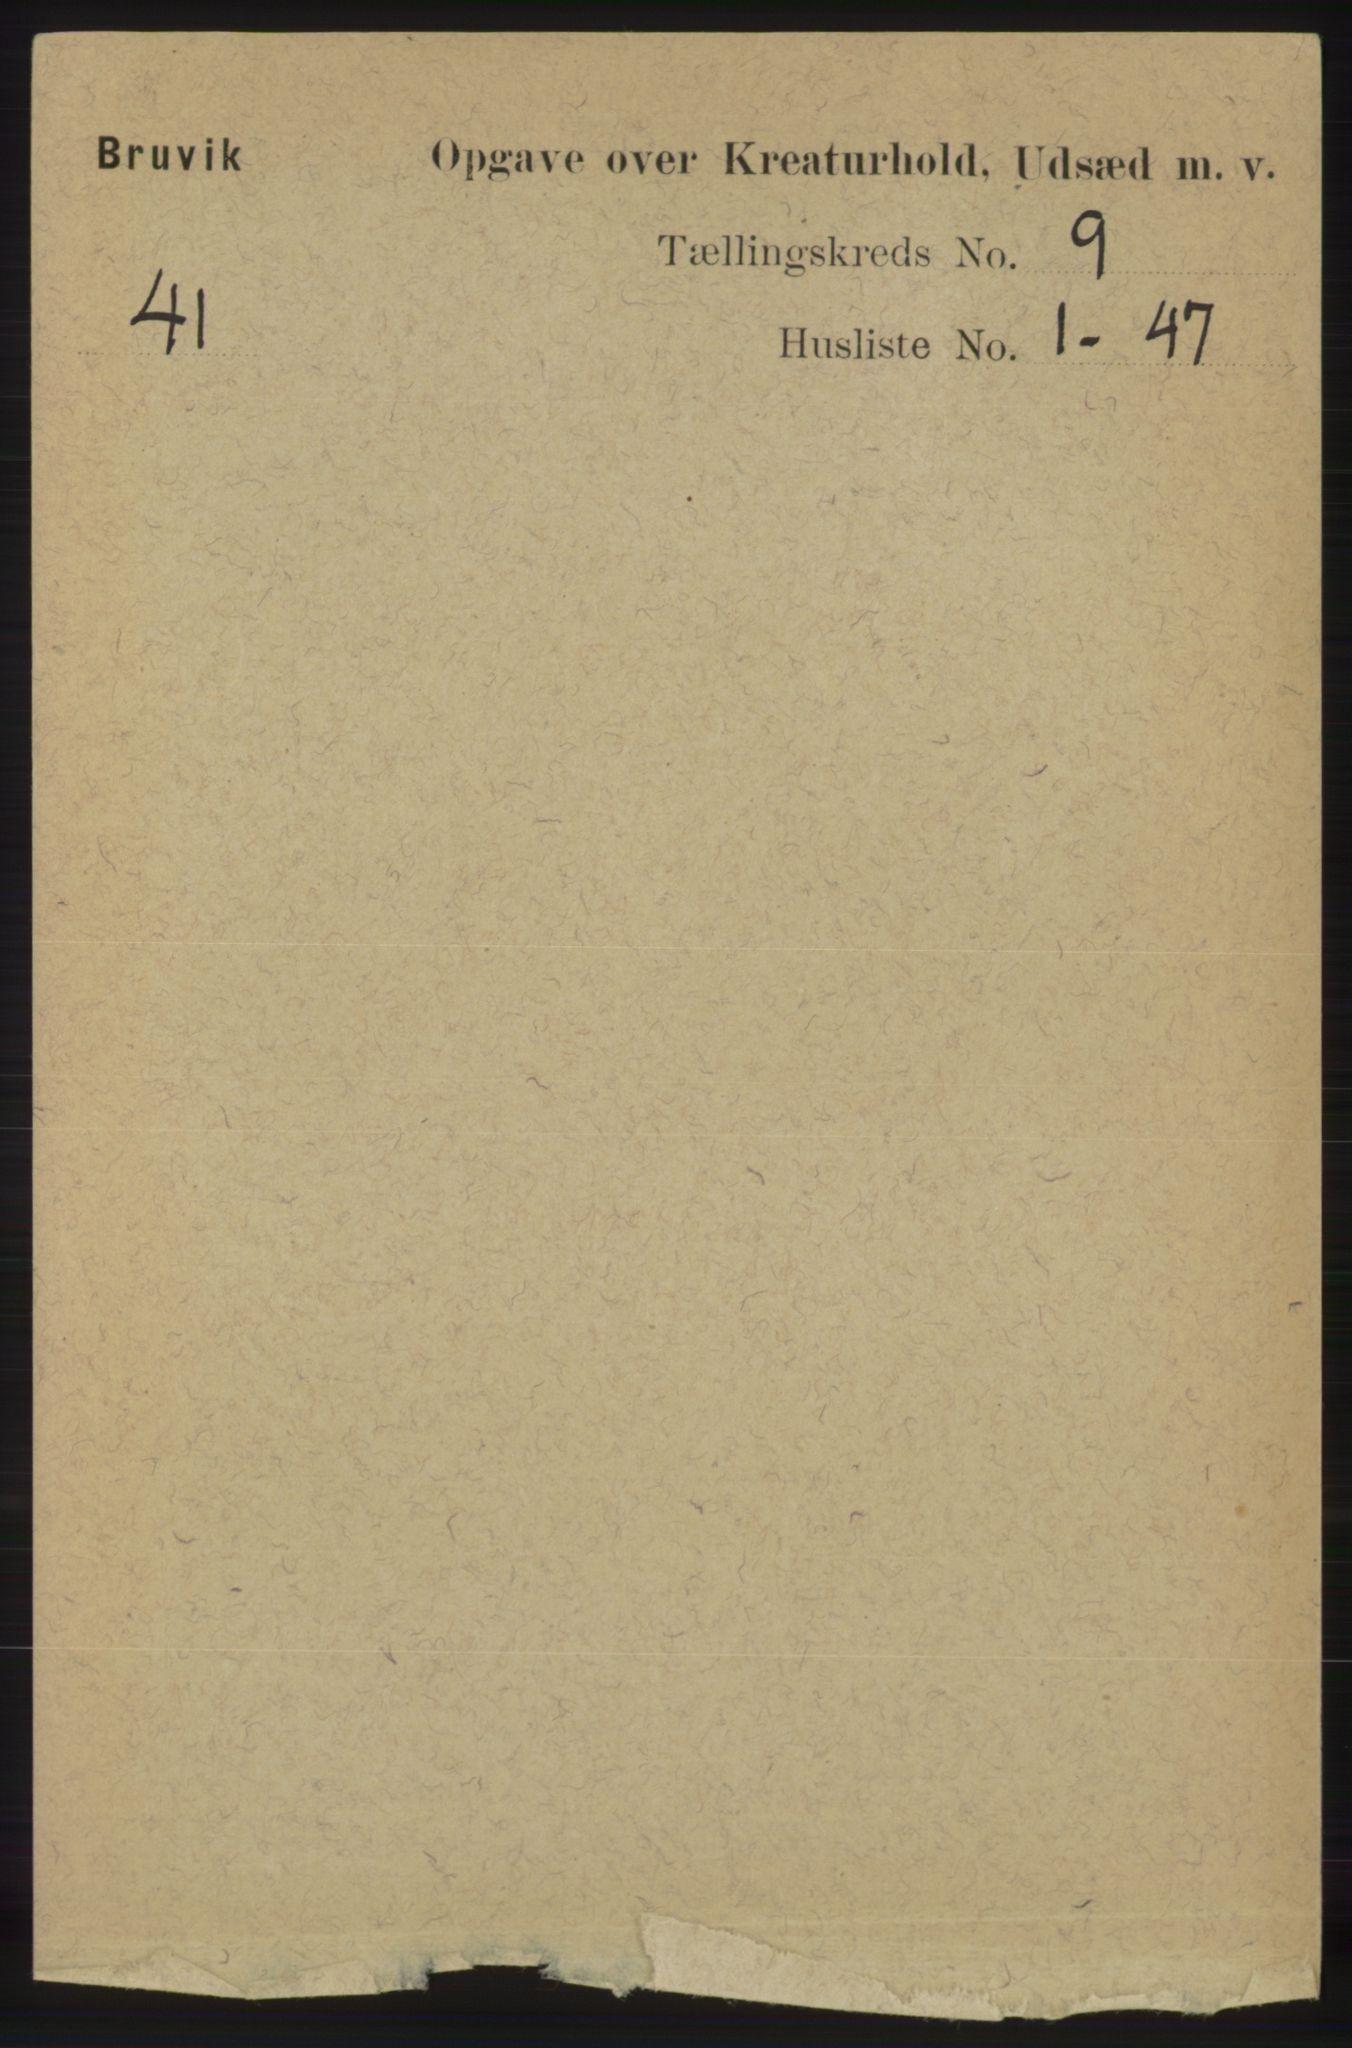 RA, Folketelling 1891 for 1251 Bruvik herred, 1891, s. 4800